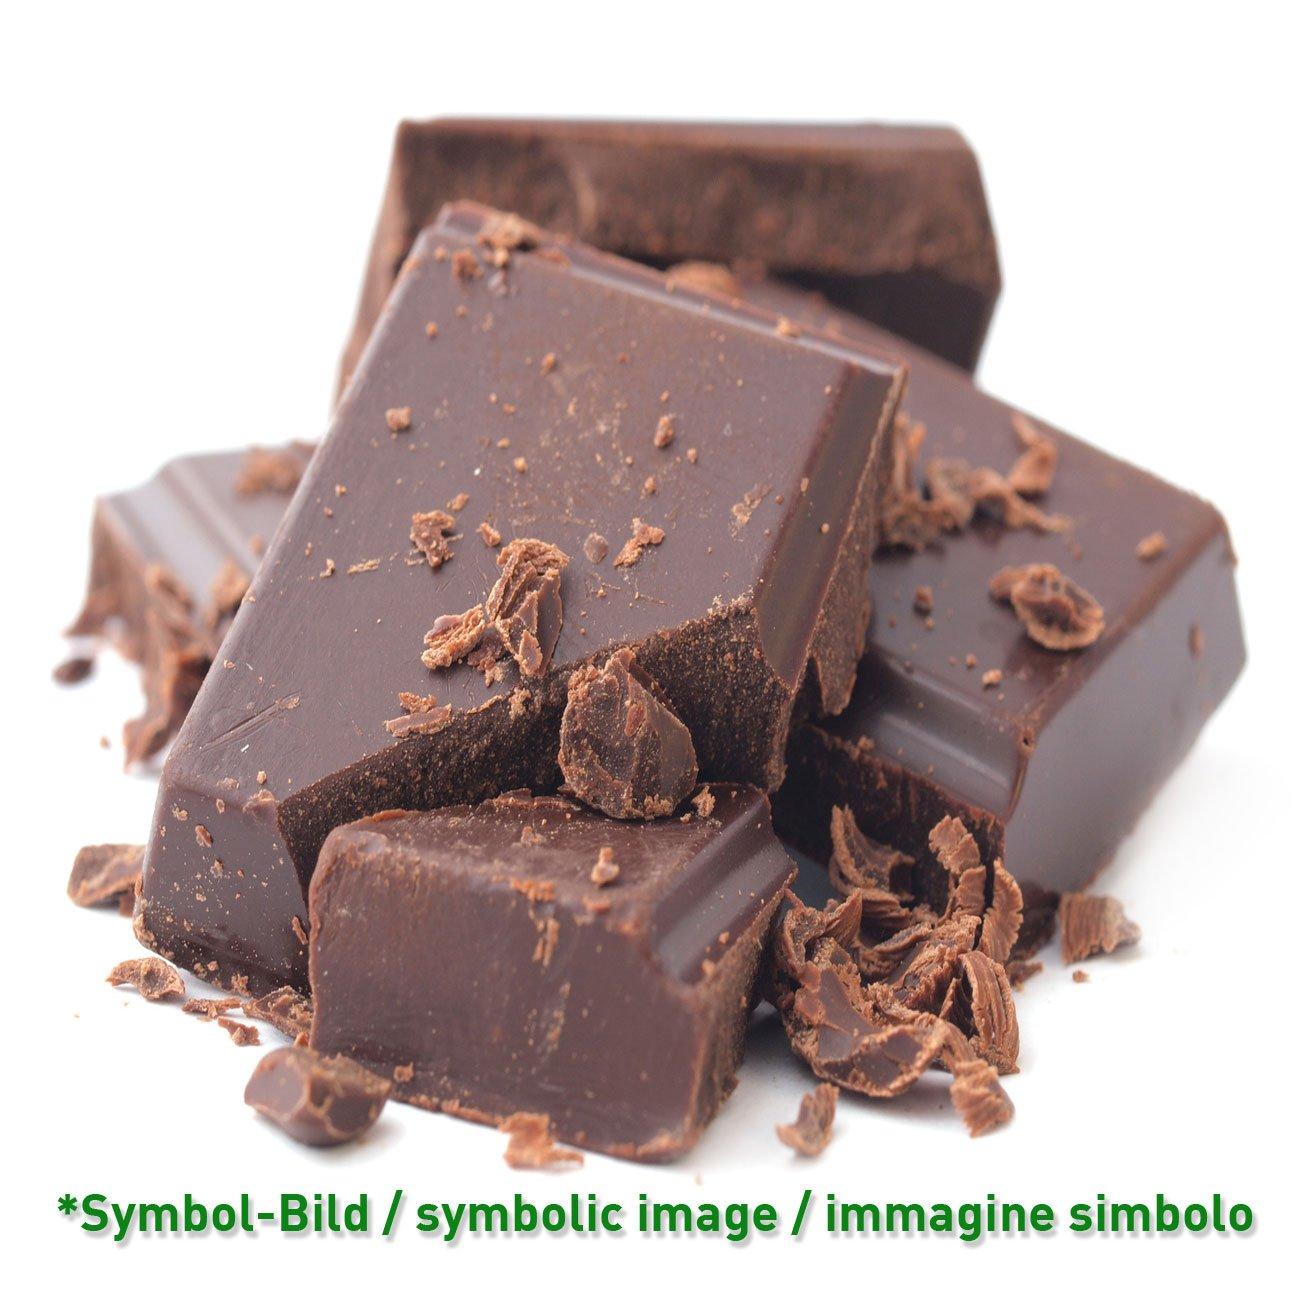 chocolate couverture 60/40/38 block / Blocchi di cioccolato - paket 2,5 kg